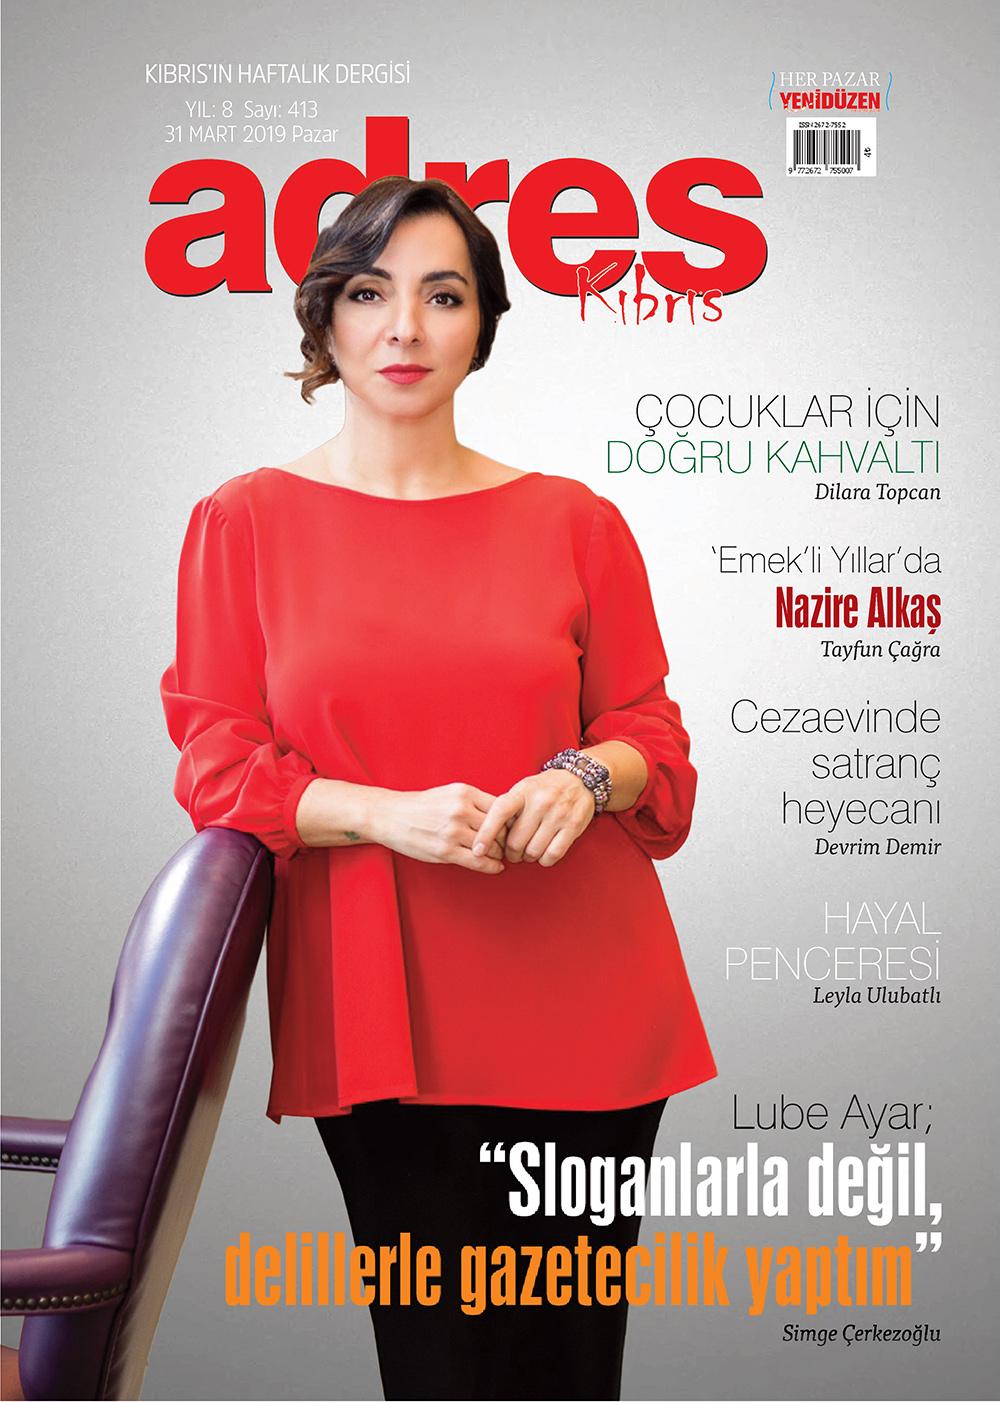 Adres Kıbrıs 413 Sayısı ISSN 2672-7560